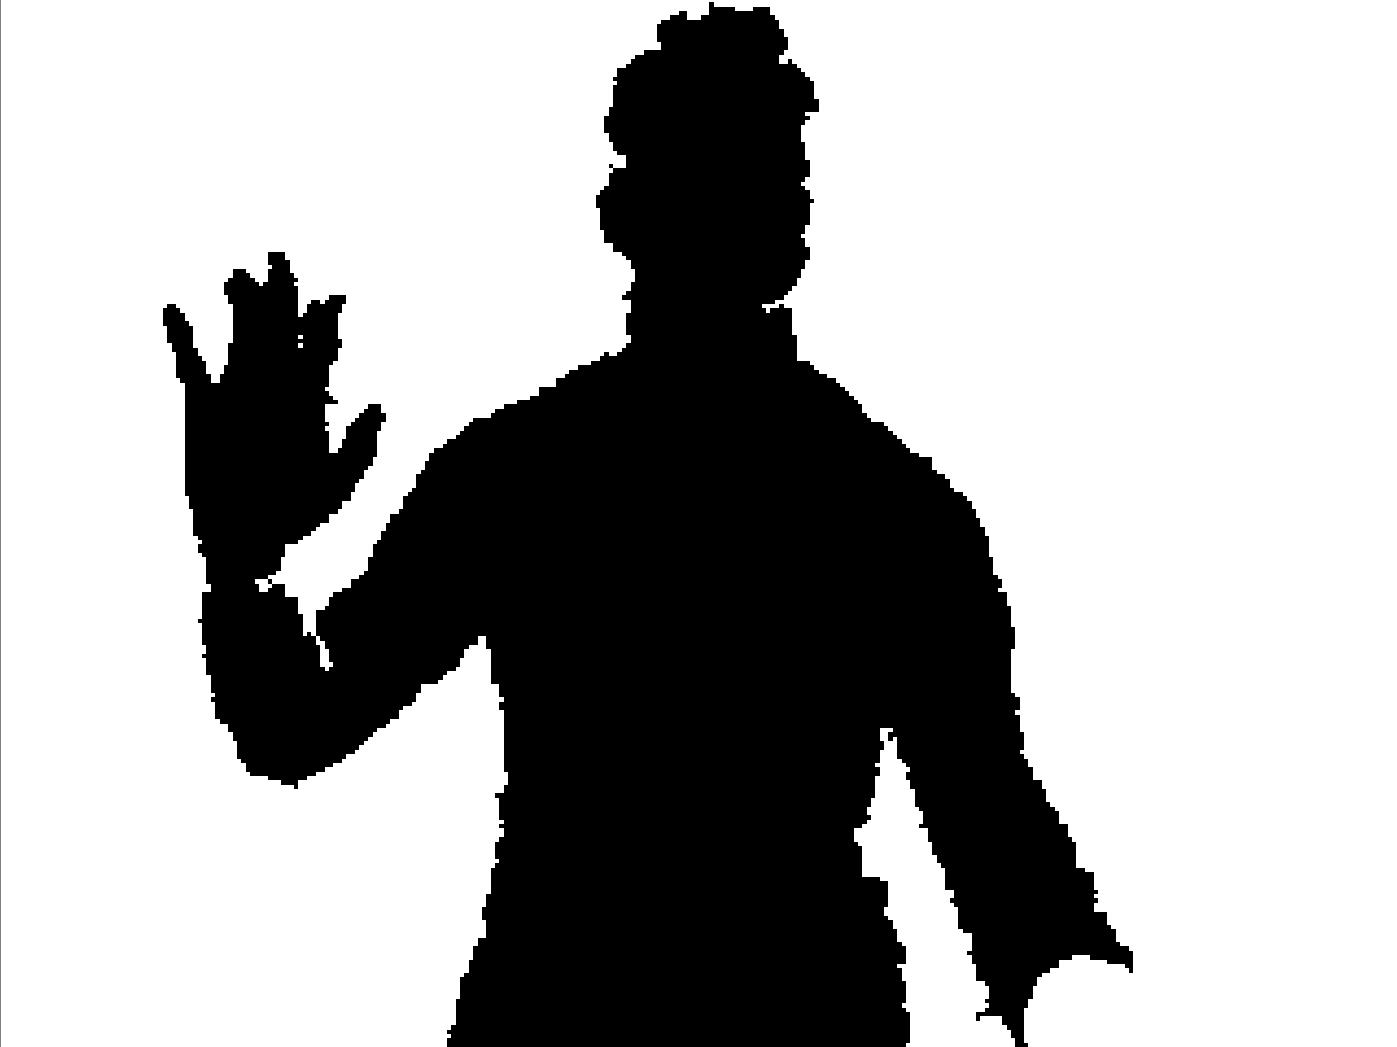 Microsoft Kinect Depth Sensor Output Image